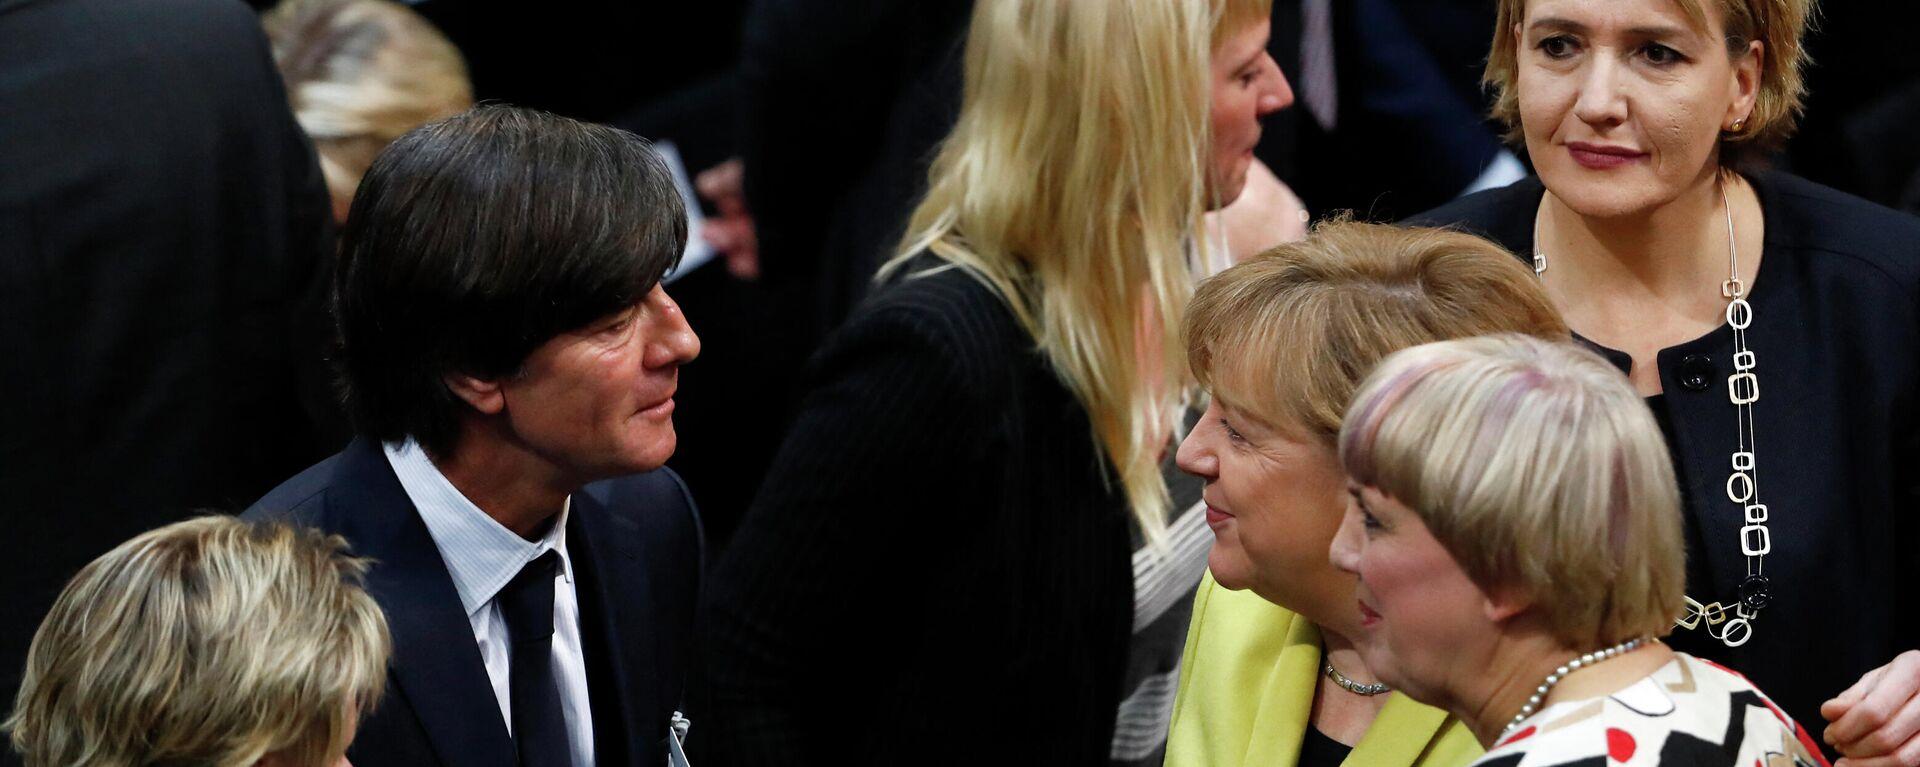 Joachim Löw spricht mit Angela Merkel (Archivbild) - SNA, 1920, 01.06.2021